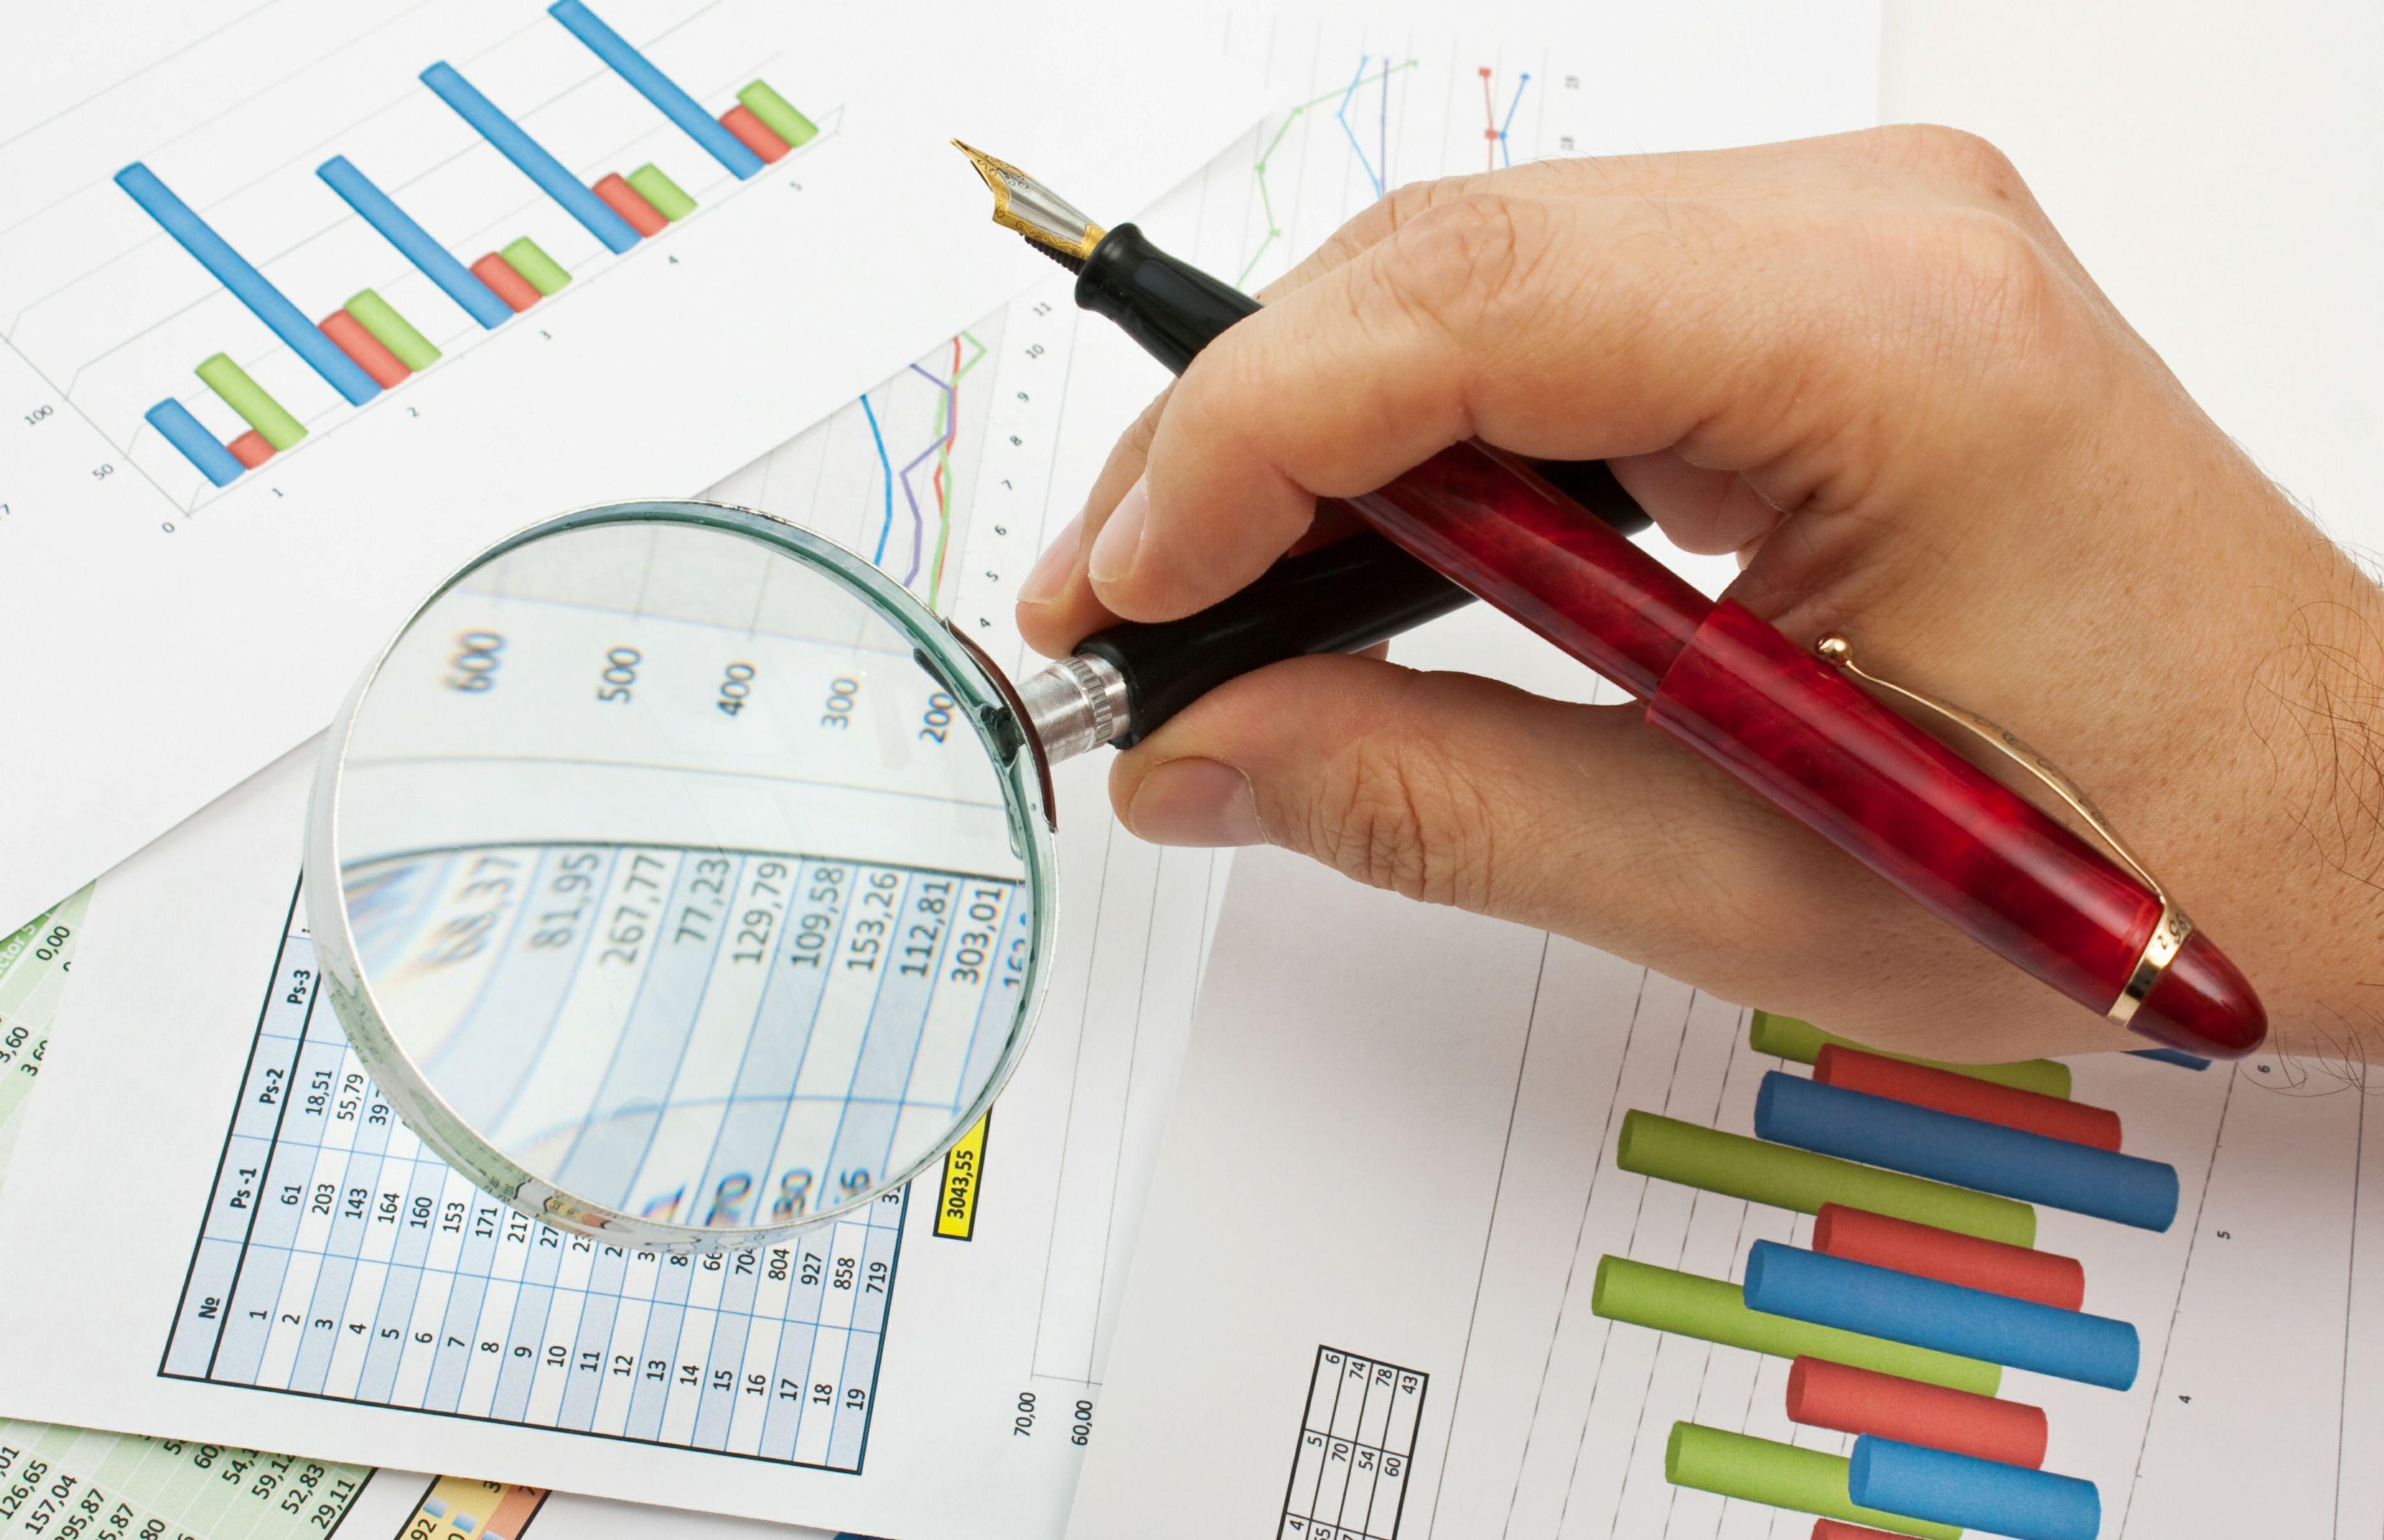 格隆汇港股聚焦(7.09)︱龙湖集团上半年合同销售超1000亿元 长城汽车6月销量同比增1.79%至6.33万辆